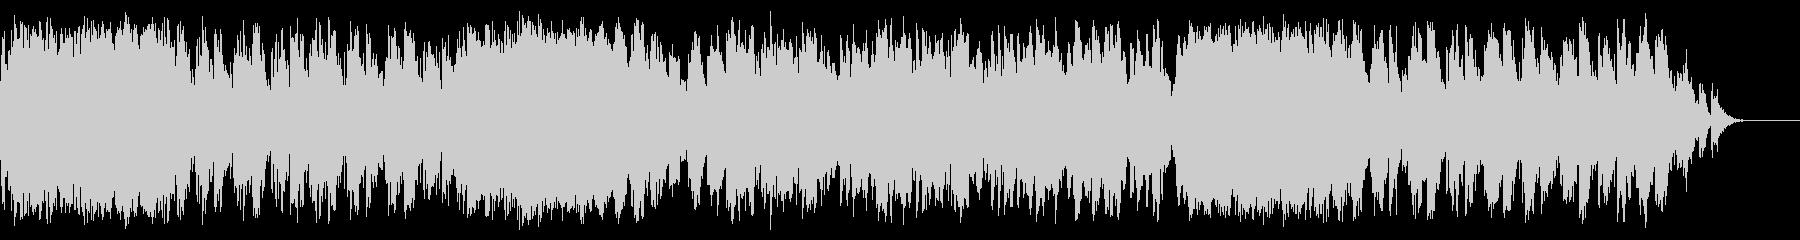 メリーゴーランドのような3拍子のインストの未再生の波形